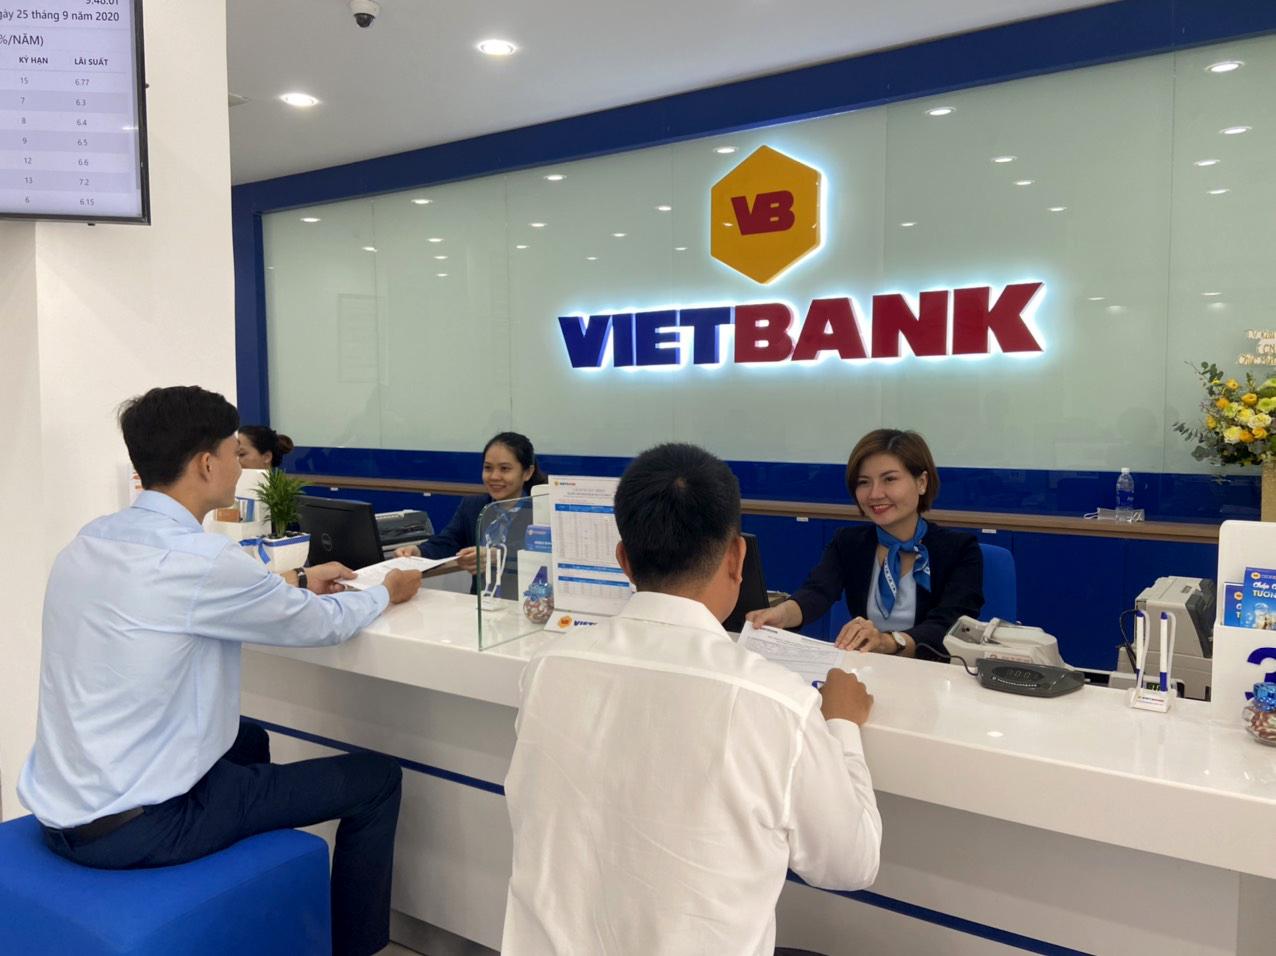 Khách hàng đến giao dịch tại Vietbank. Ảnh: Vietbank